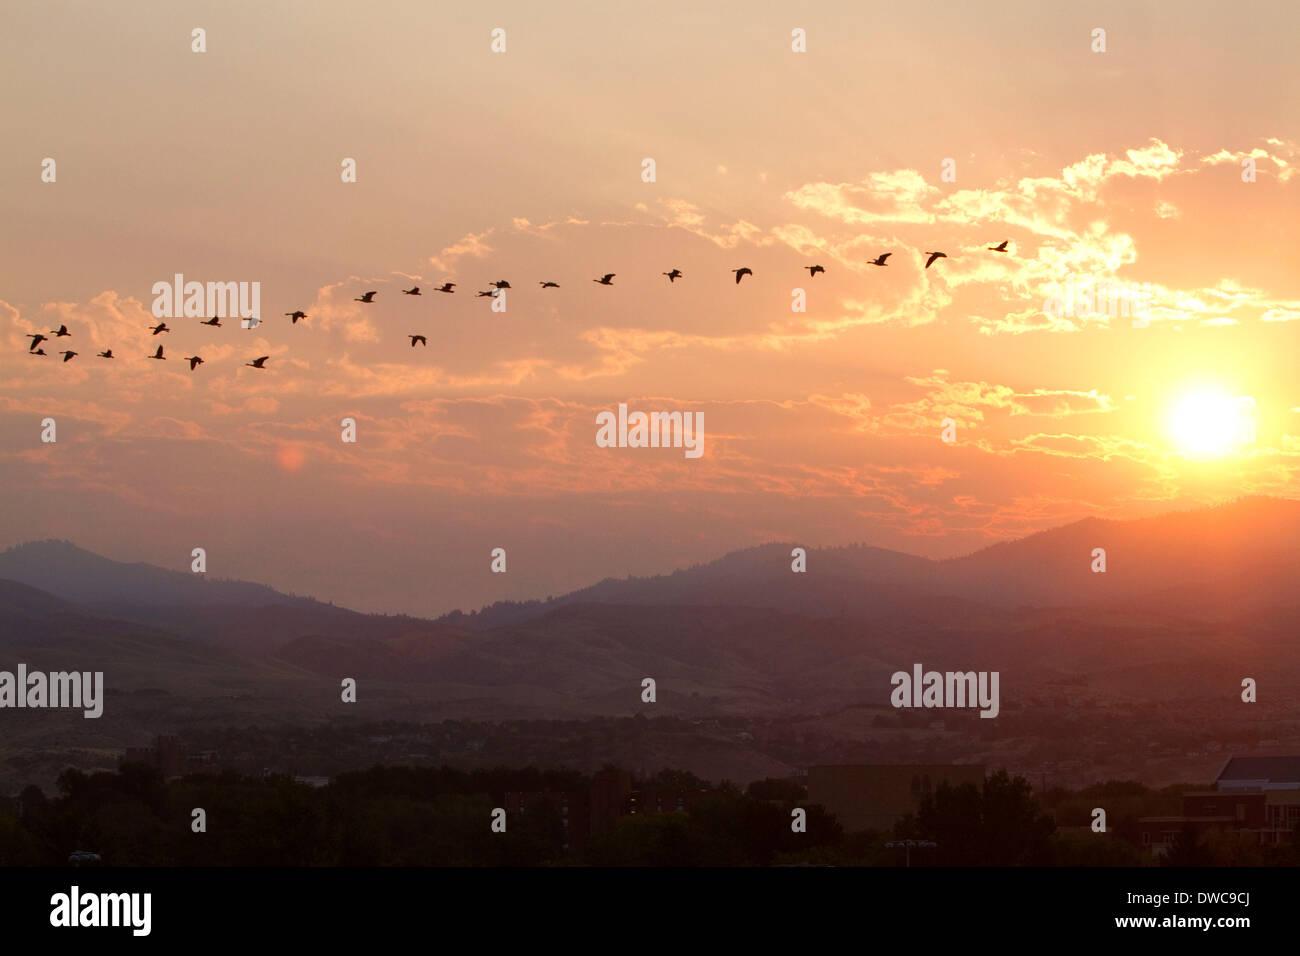 Un branco di oche volano a sunrise a Boise, Idaho, Stati Uniti d'America. Immagini Stock